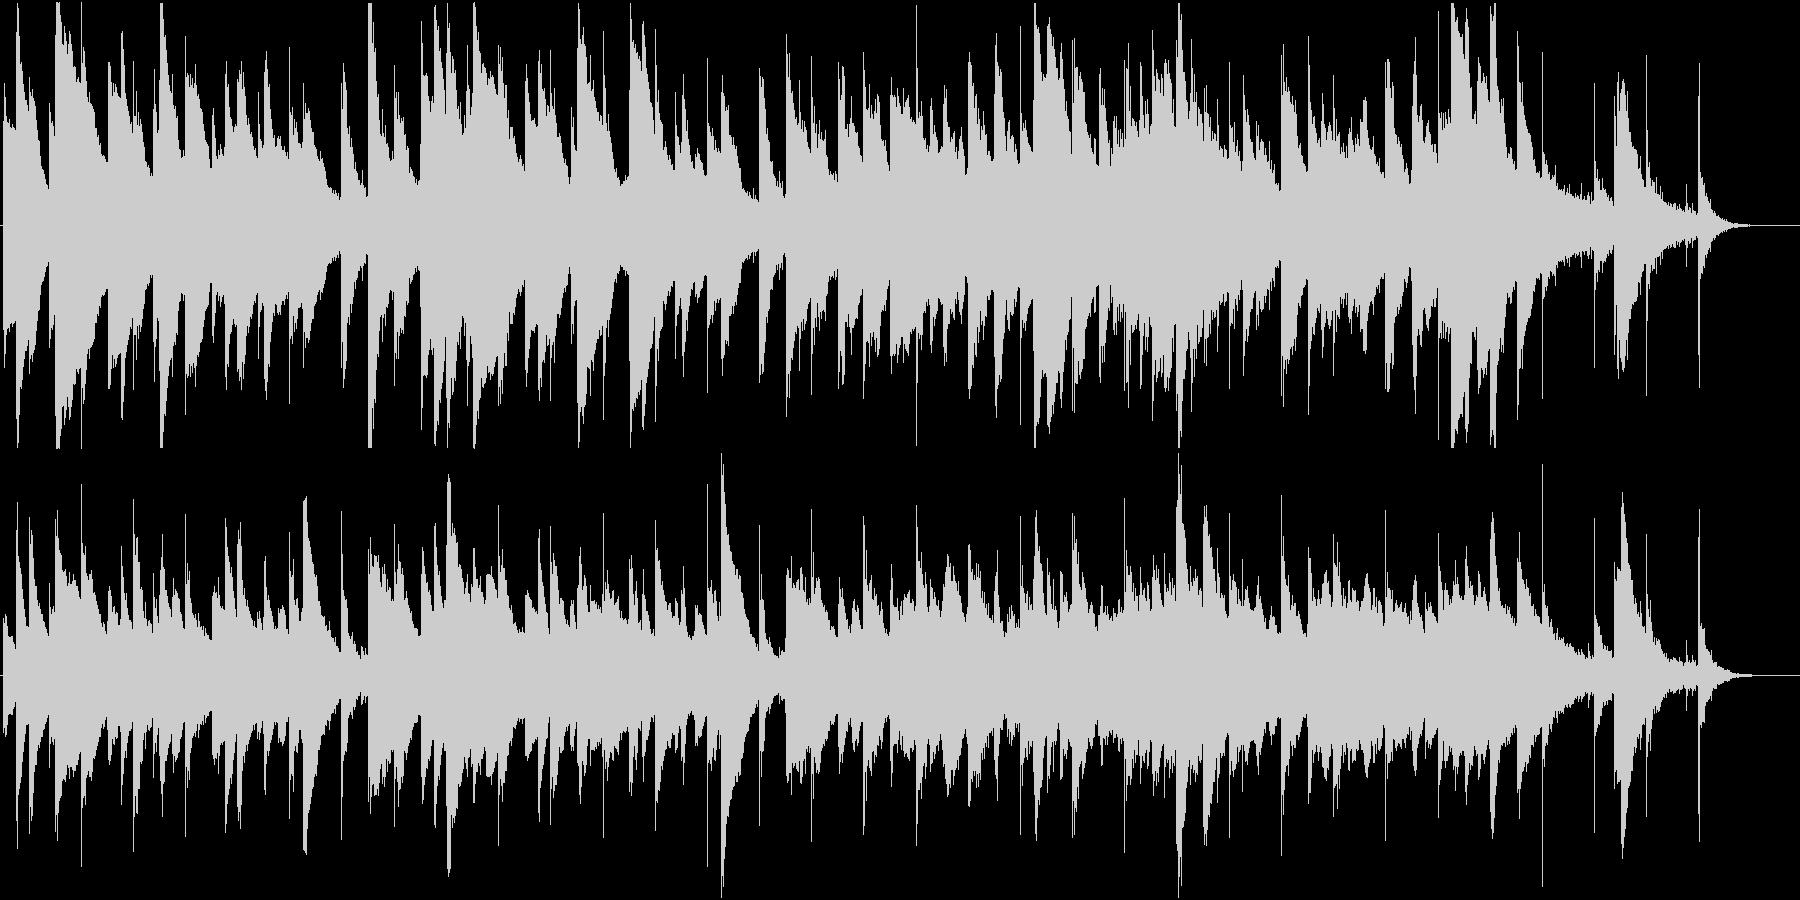 綺麗なピアノの旋律が印象的な曲の未再生の波形